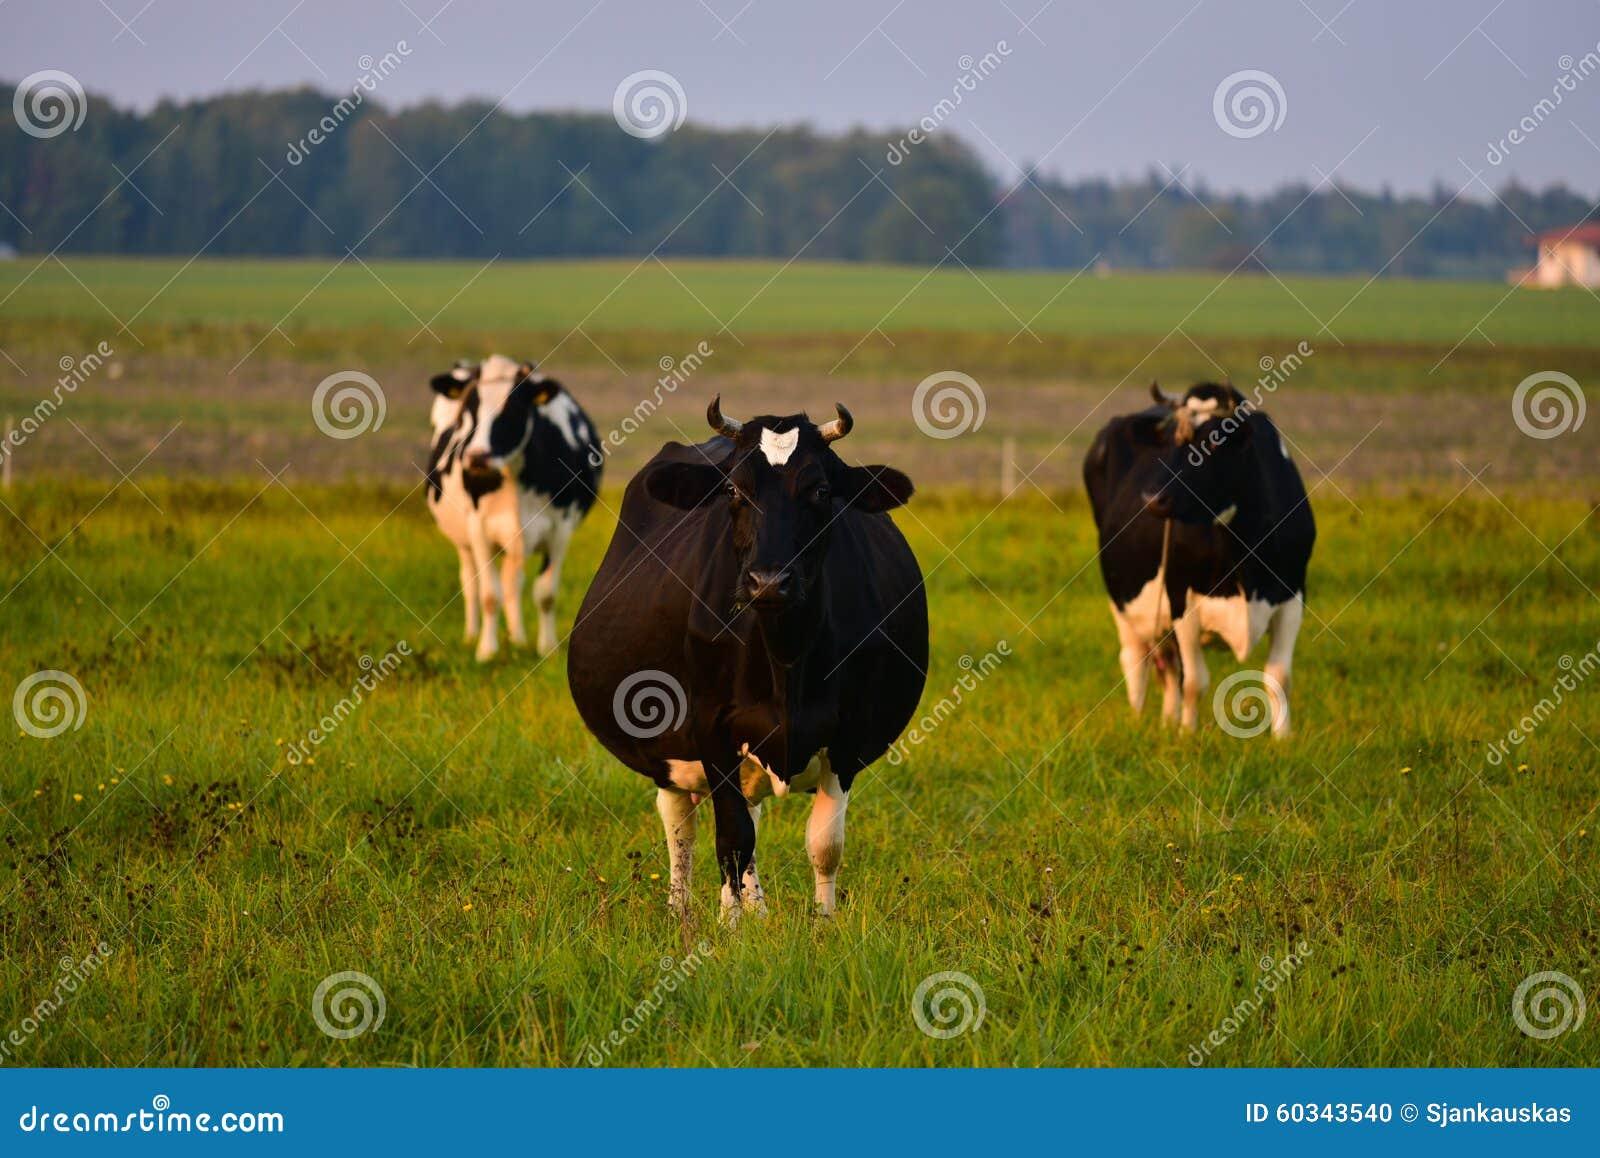 Vaca embarazada